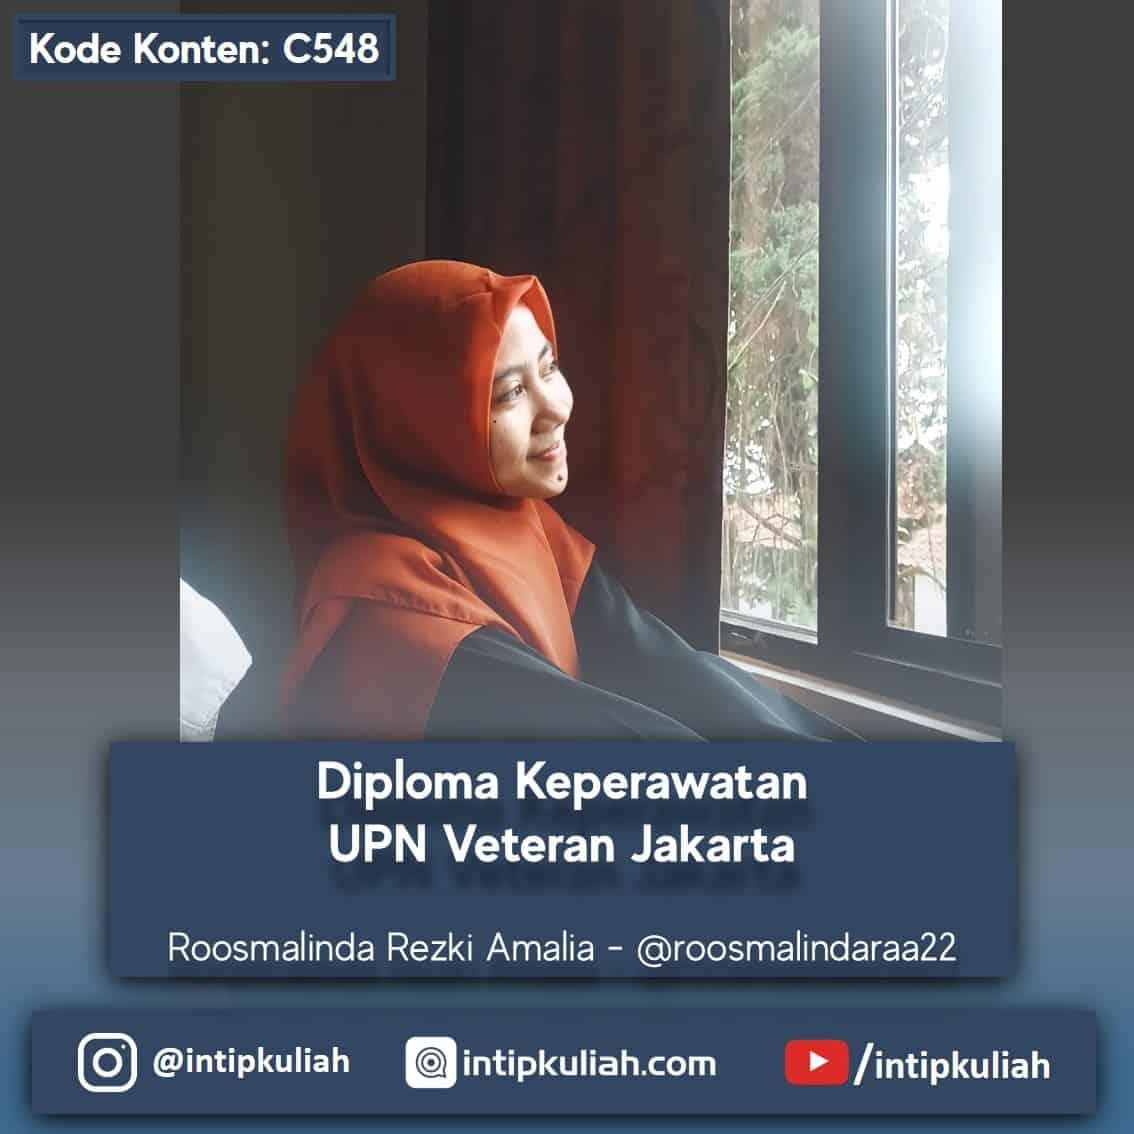 D3 Keperawatan UPN Veteran Jakarta (Roosmalinda)